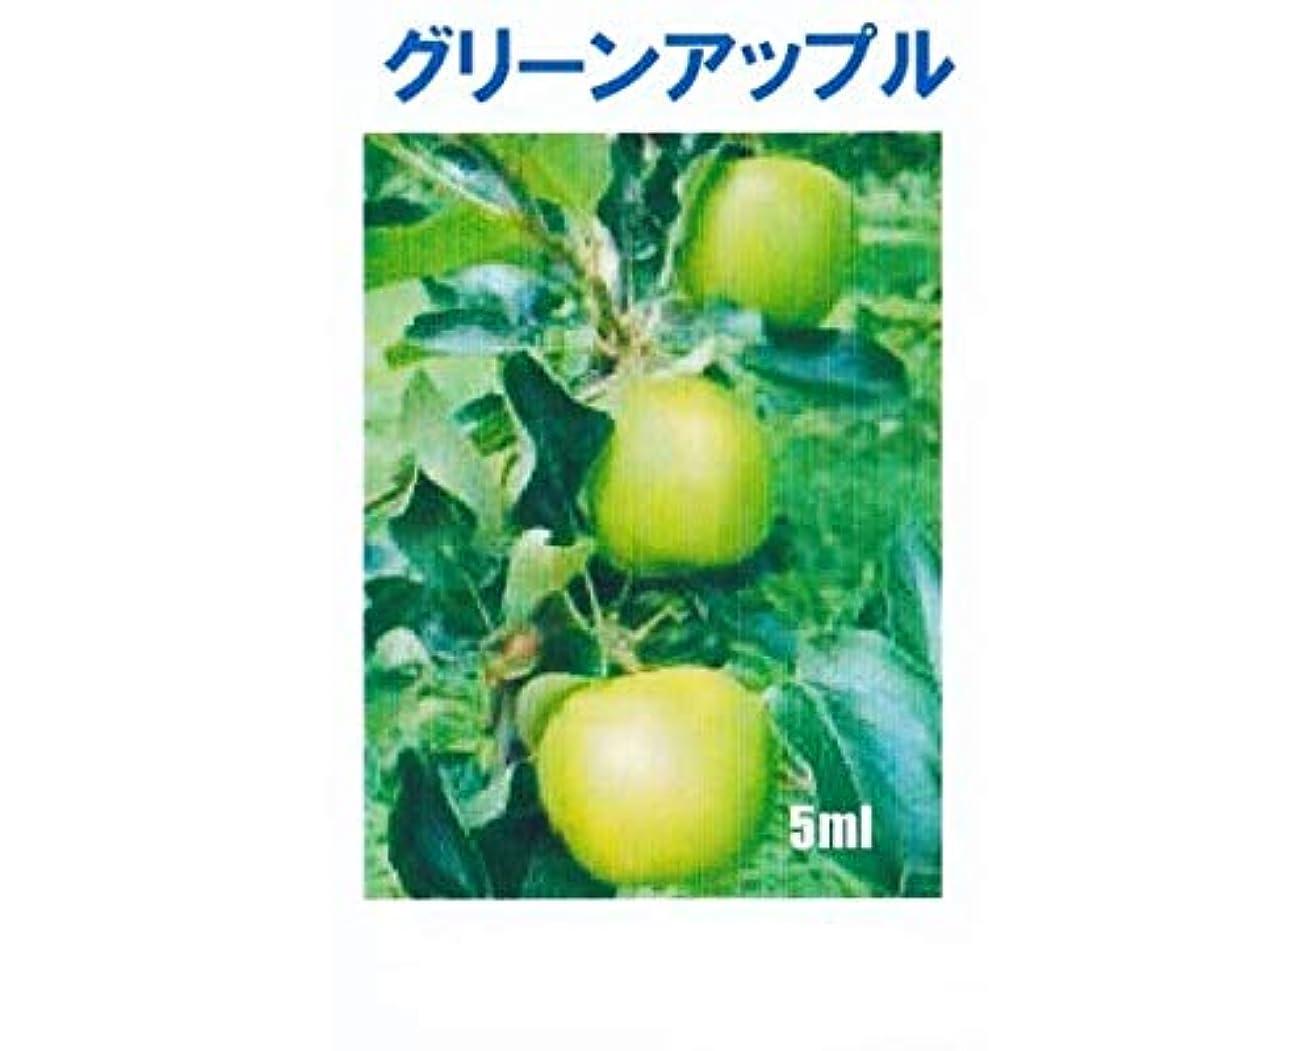 切り下げバリー衰えるアロマオイル グリーンアップル 5ml エッセンシャルオイル 100%天然成分